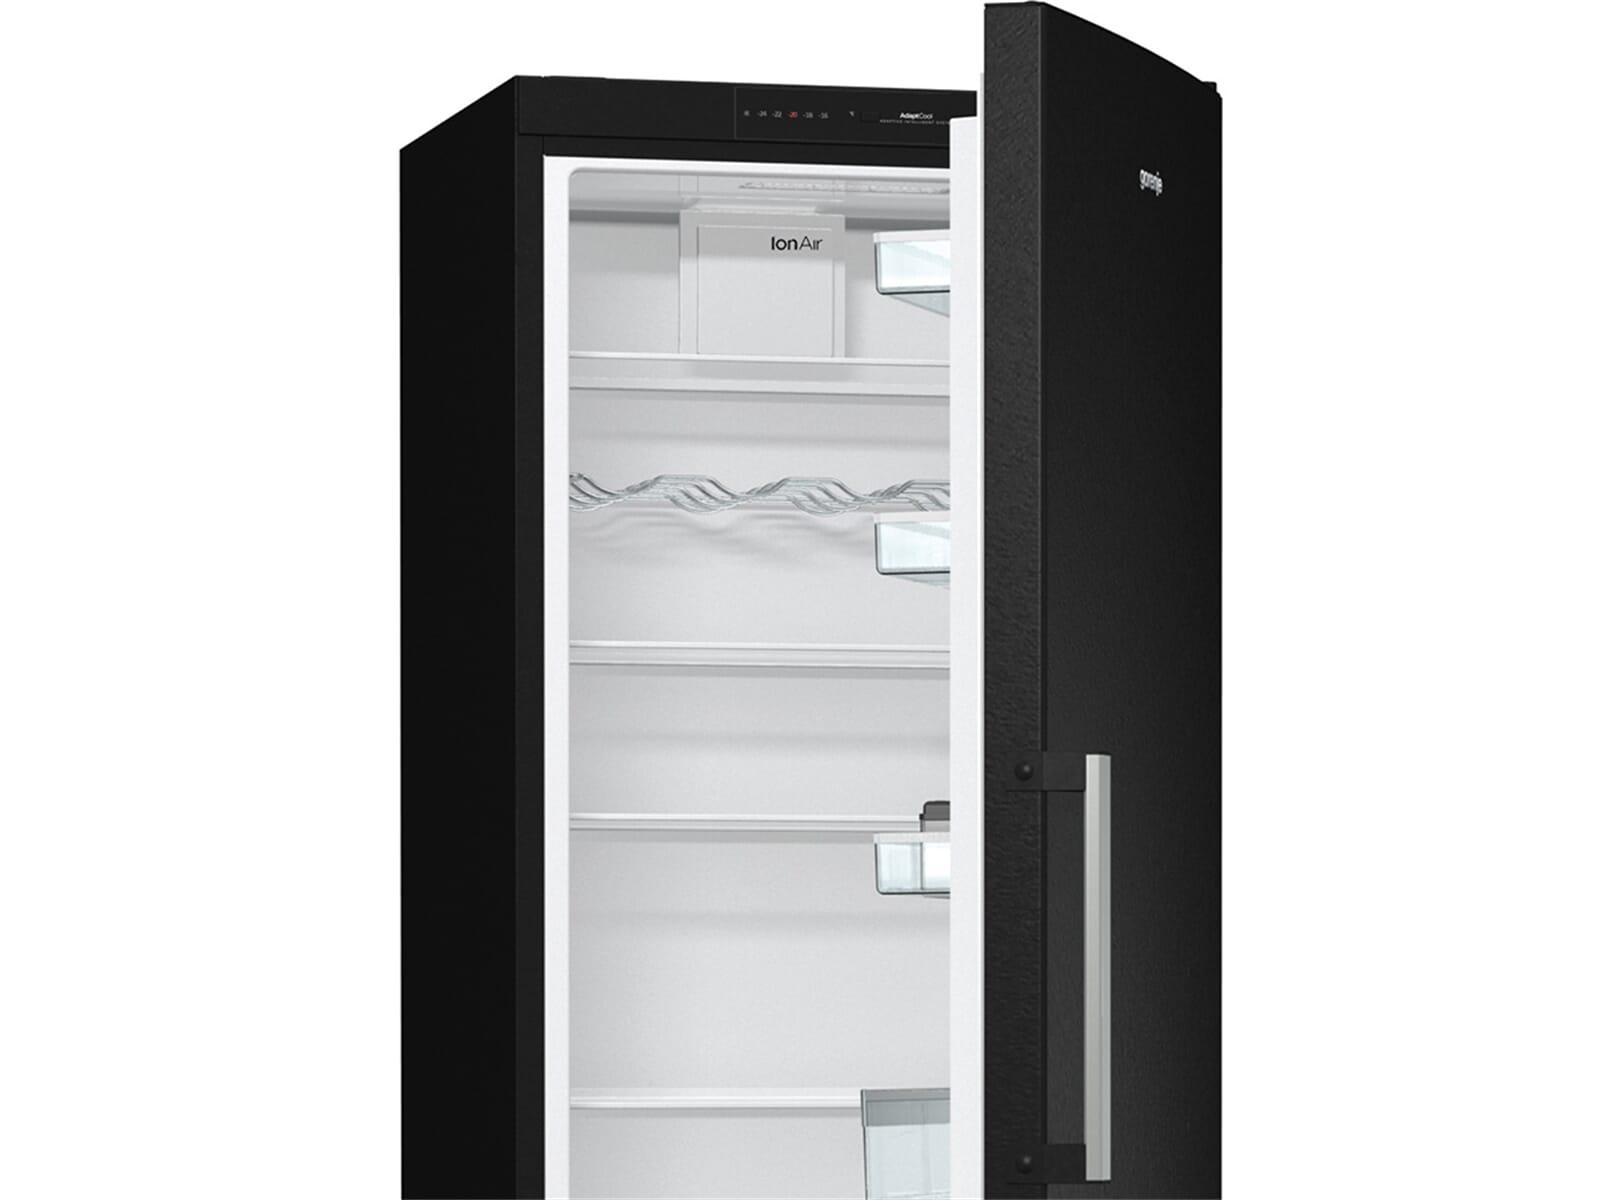 Gorenje Kühlschrank Orb 153 A 154 Cm Hoch : Kühlschrank cm hoch gorenje r bx preisvergleich guenstiger de